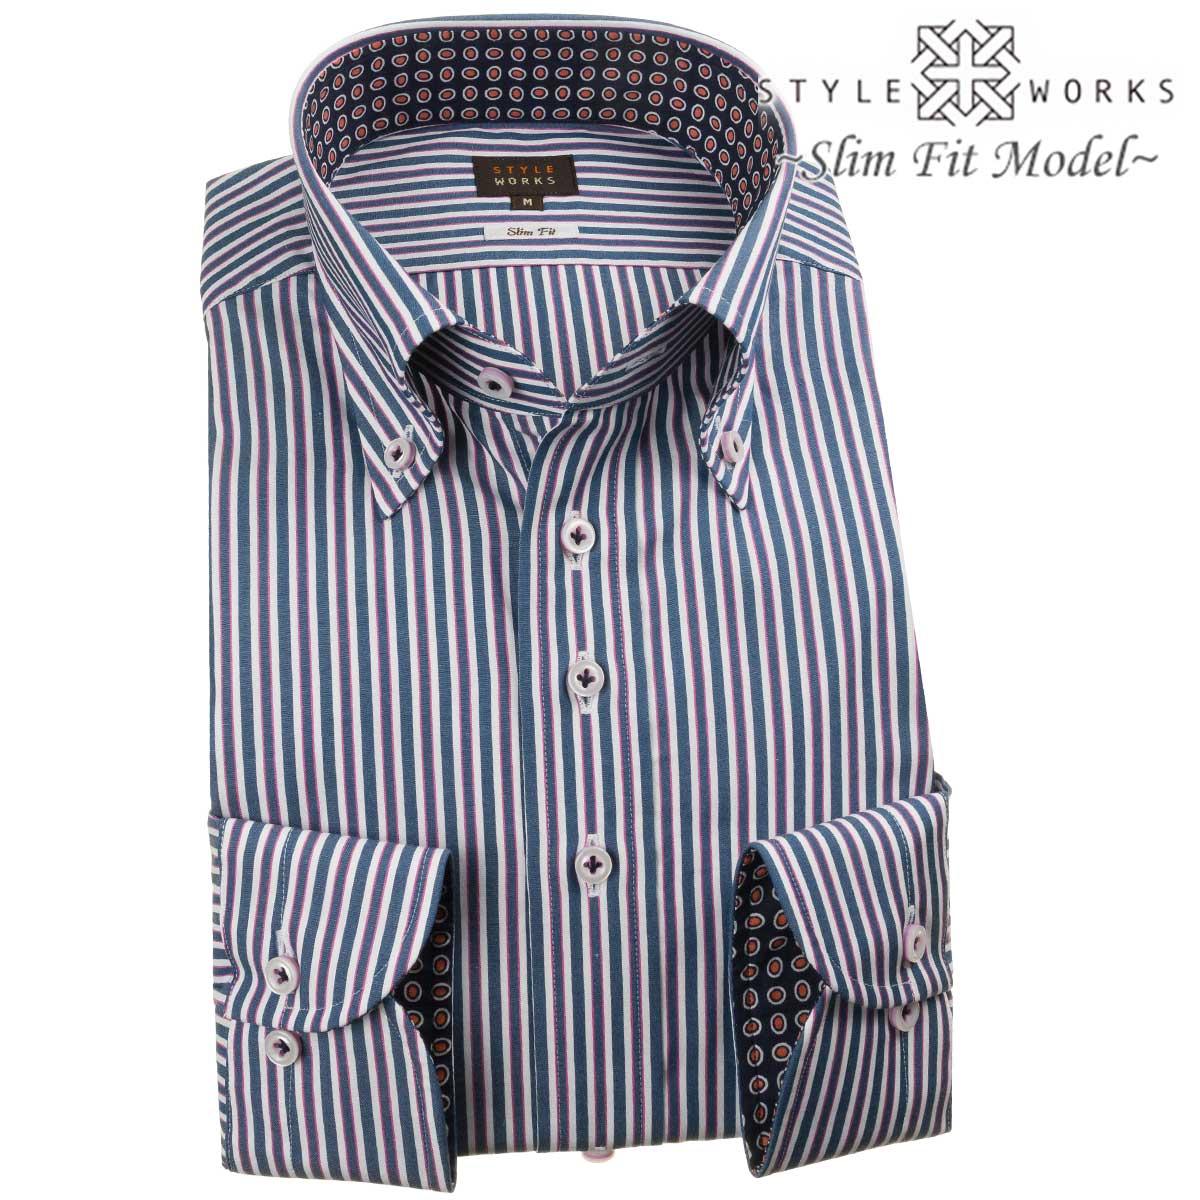 ドレスシャツ ワイシャツ シャツ メンズ 国産 長袖 綿100% スリムフィット ボタンダウン ピンクラインミックス・ネイビーロンドンストライプ 1907 fs3gm